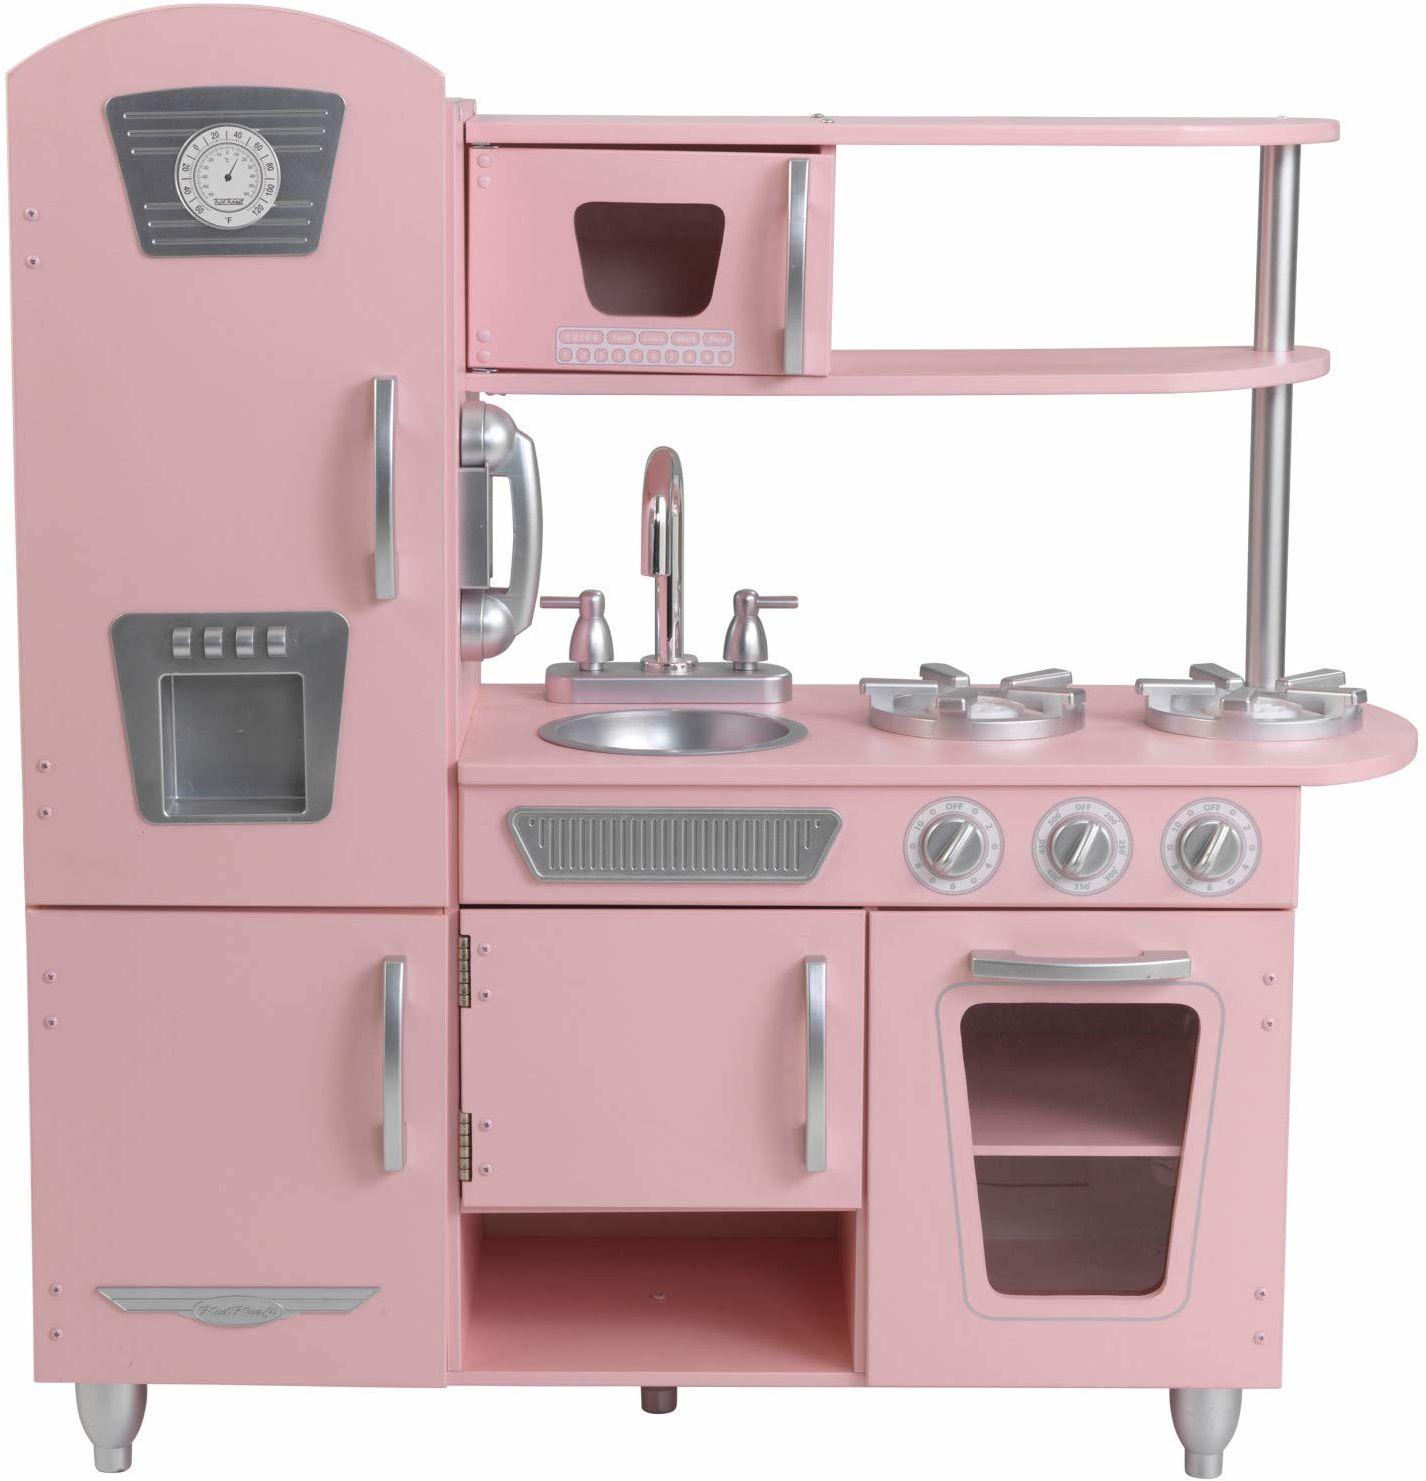 KidKraft 53179 Vintage kuchnia do zabawy, różowa